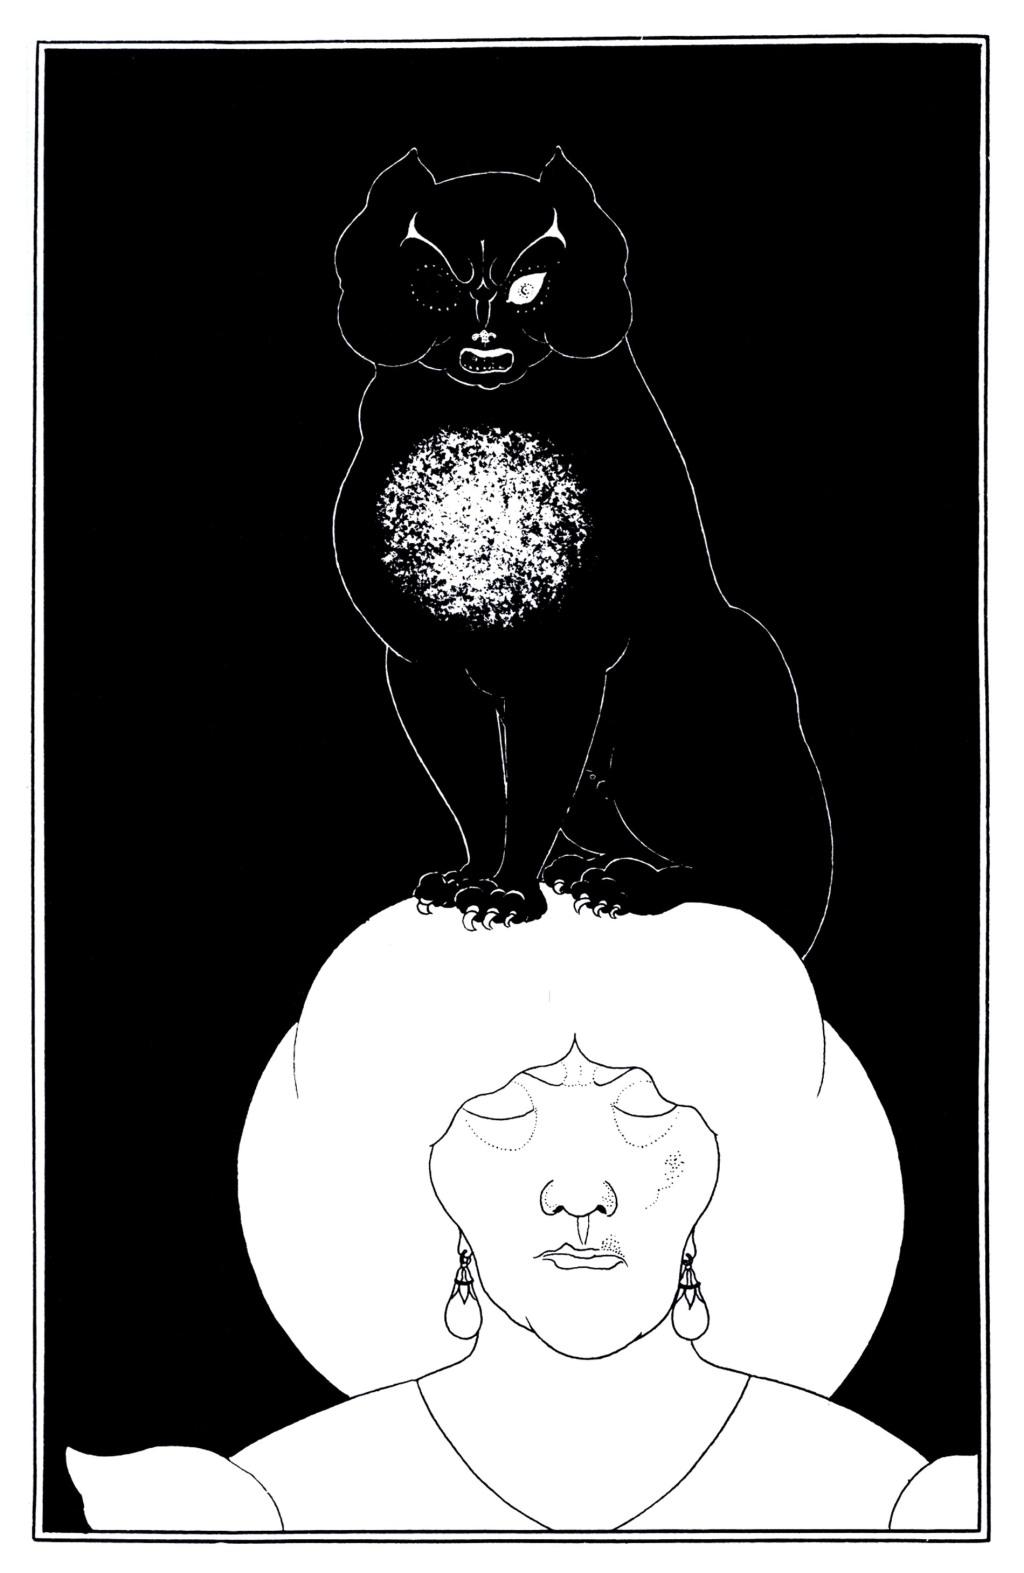 Aubrey Beardsley - Edgar Allan Poe 01, Black Cat (1894)